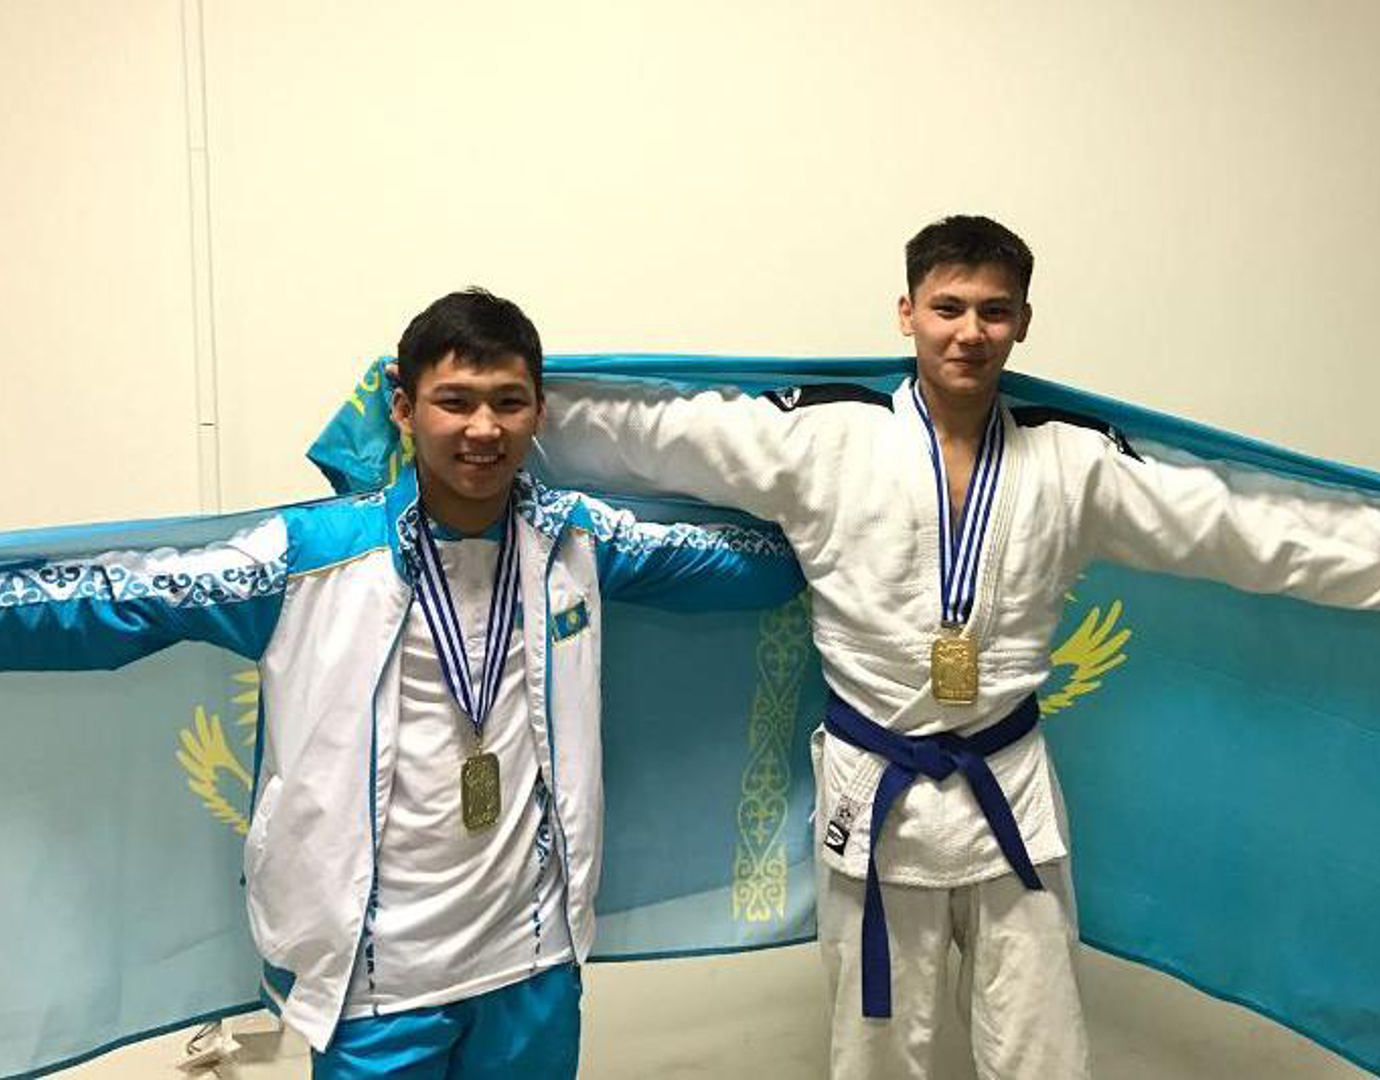 Казахстанцы Закарин и Канатбек стали чемпионами мира по джиу-джитсу